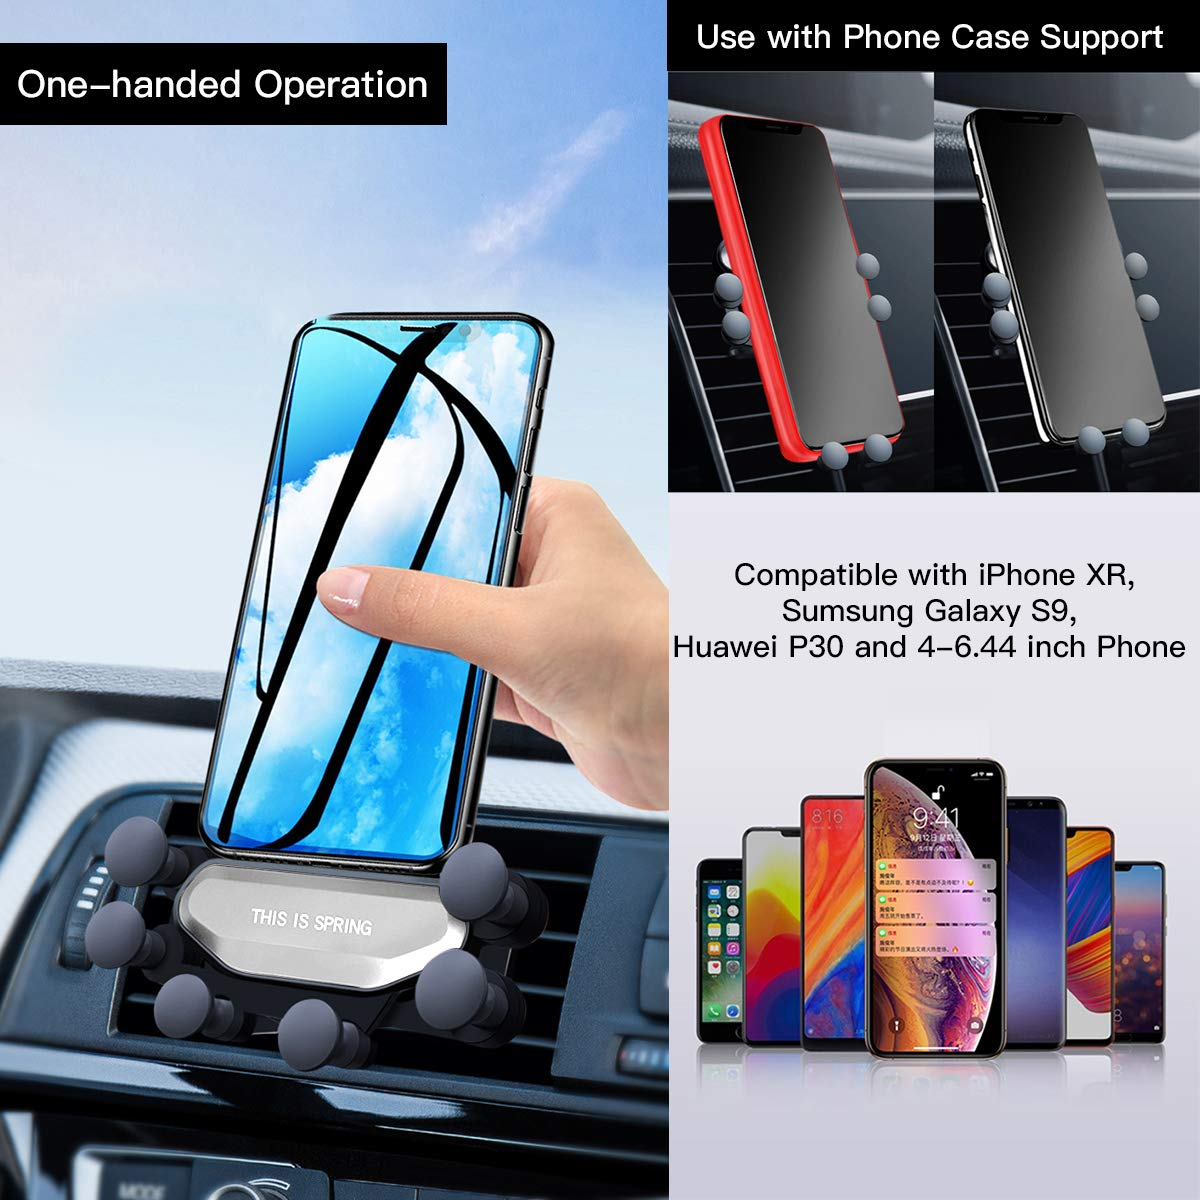 Samsung Galaxy S10 5G//S10//S10e Gravit/é Universal Porte T/él/éphone Voiture avec 7 Points R/églable Support Voiture pour iPhone XS//XS Max//XR Support T/él/éphone Voiture Mini Ventilation Google Pixel 3a